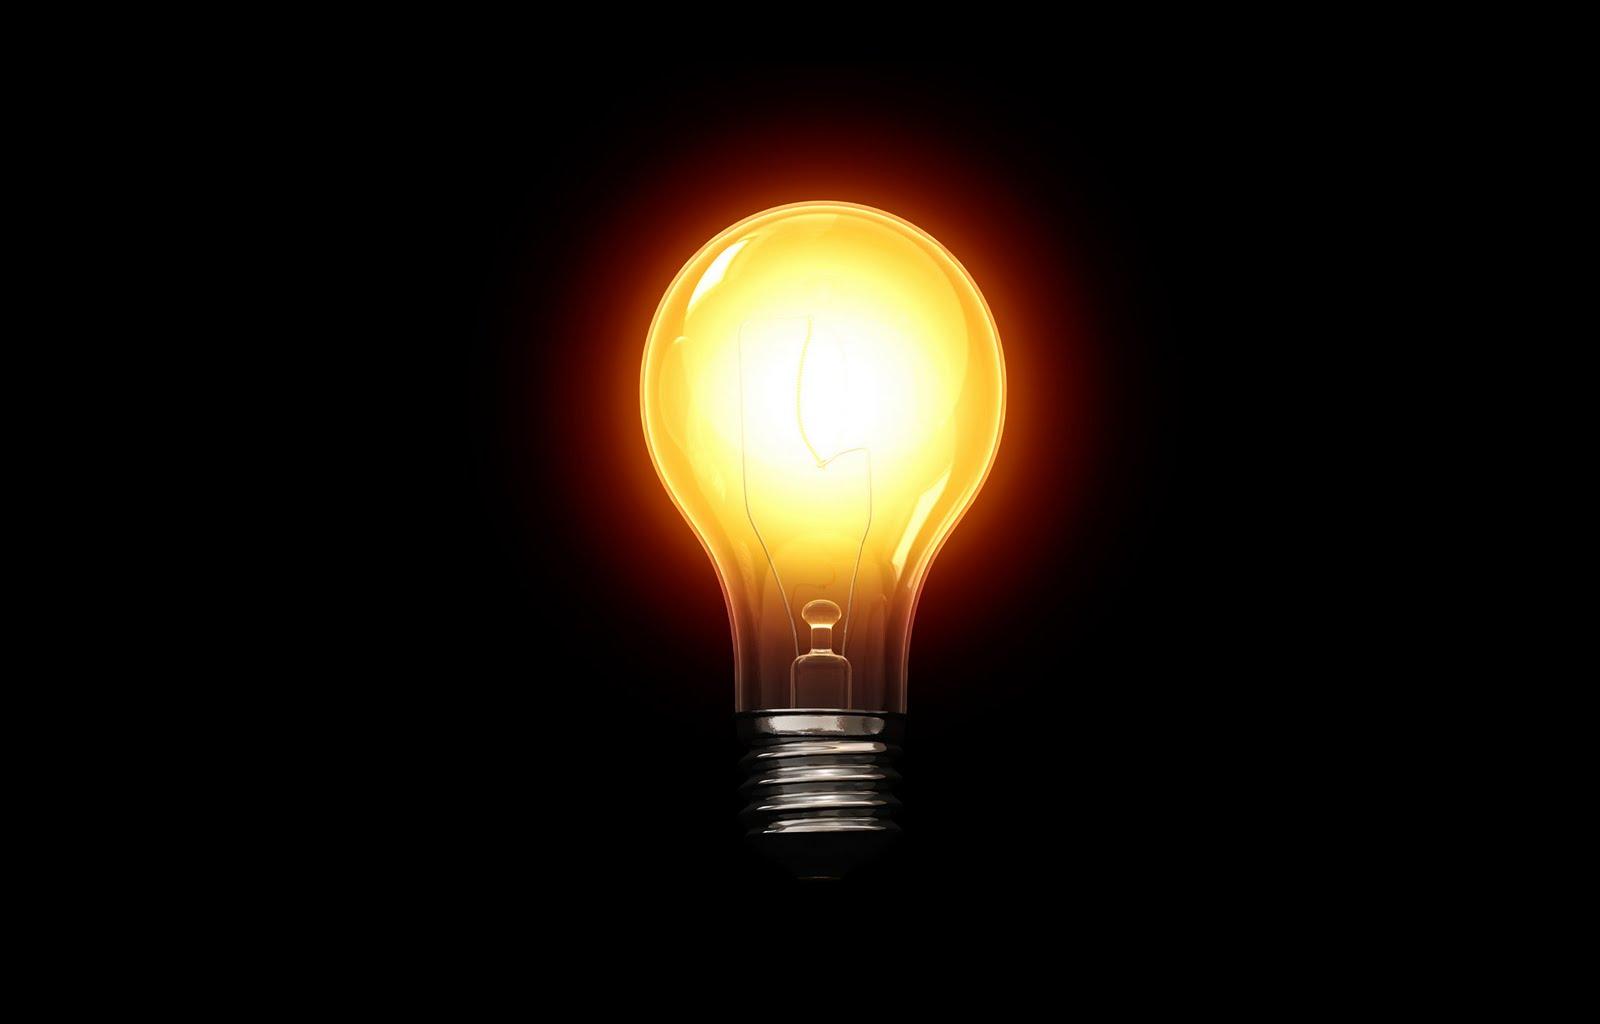 My Light & Salvation